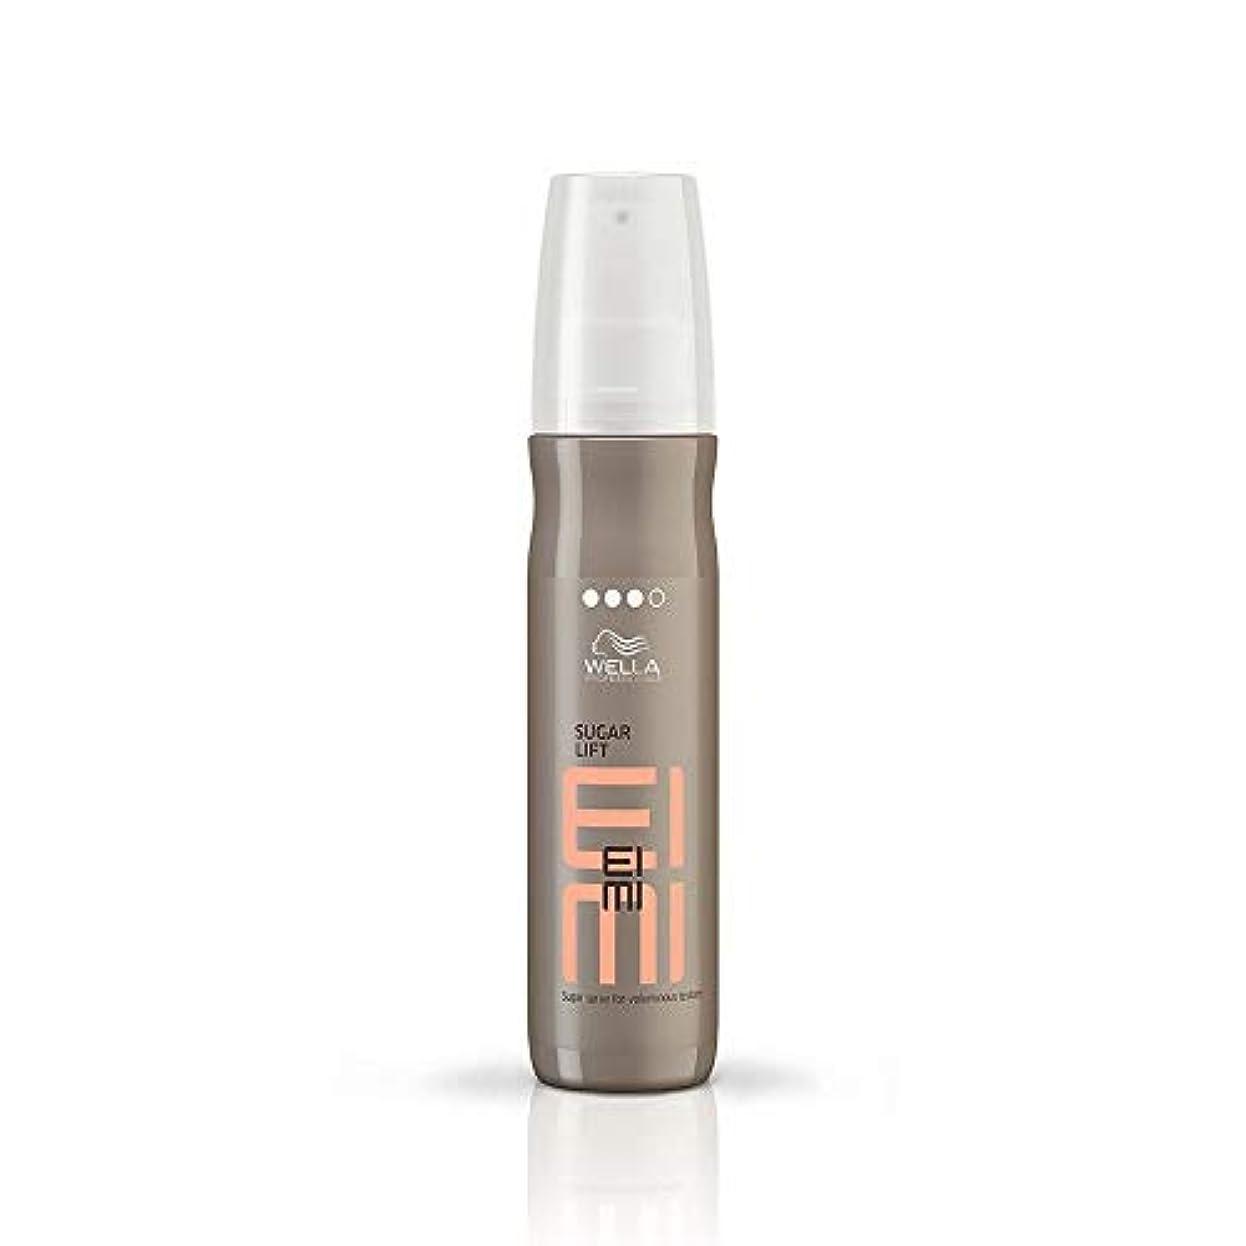 暗くする段落振動させるウエラ シュガー リフト スプレー Wella EIMI Sugar Lift Sugar Spray for Voluminous Texture 150 ml [並行輸入品]